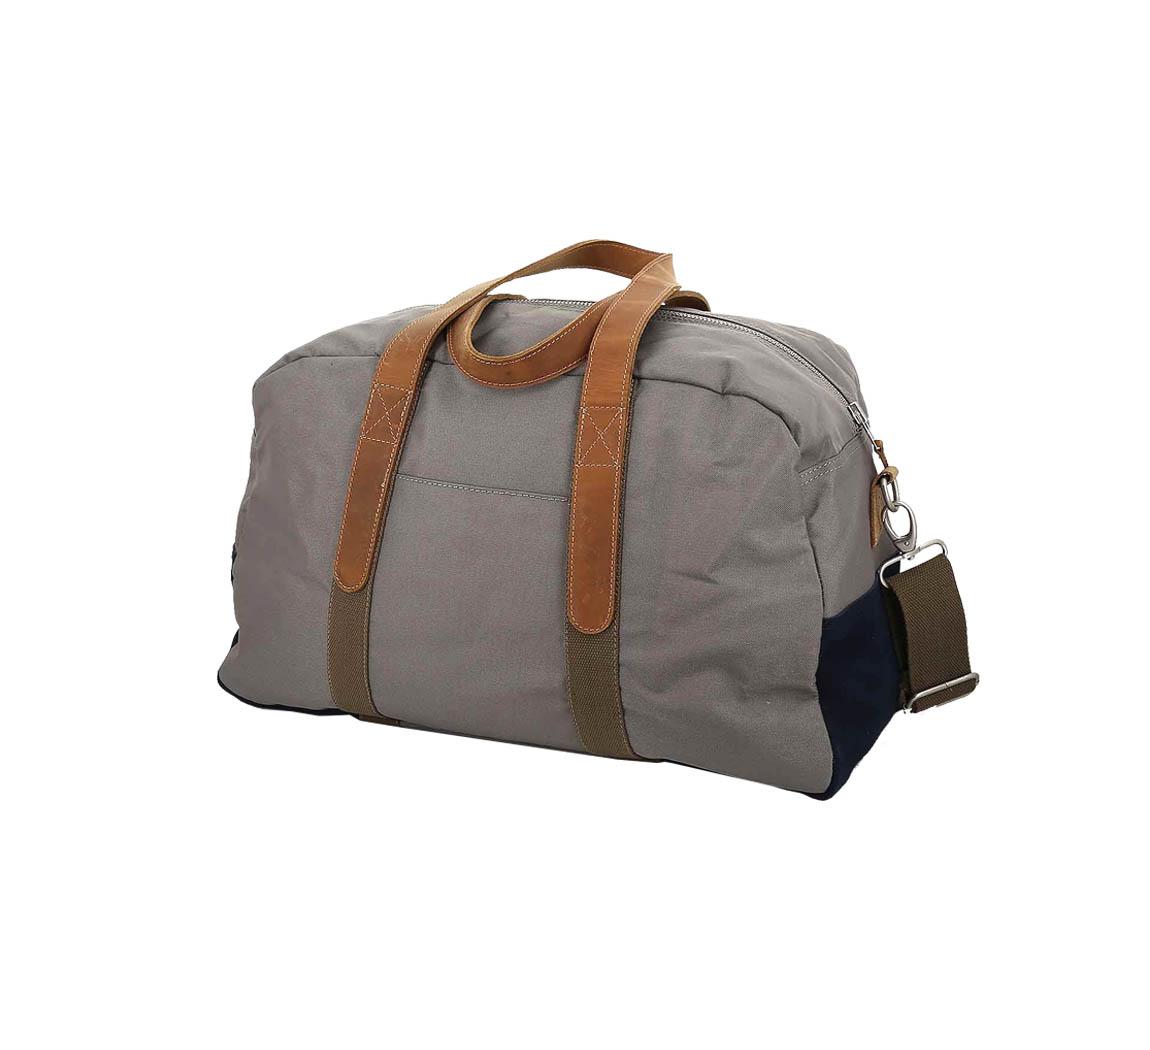 Sac de voyage Bag 48